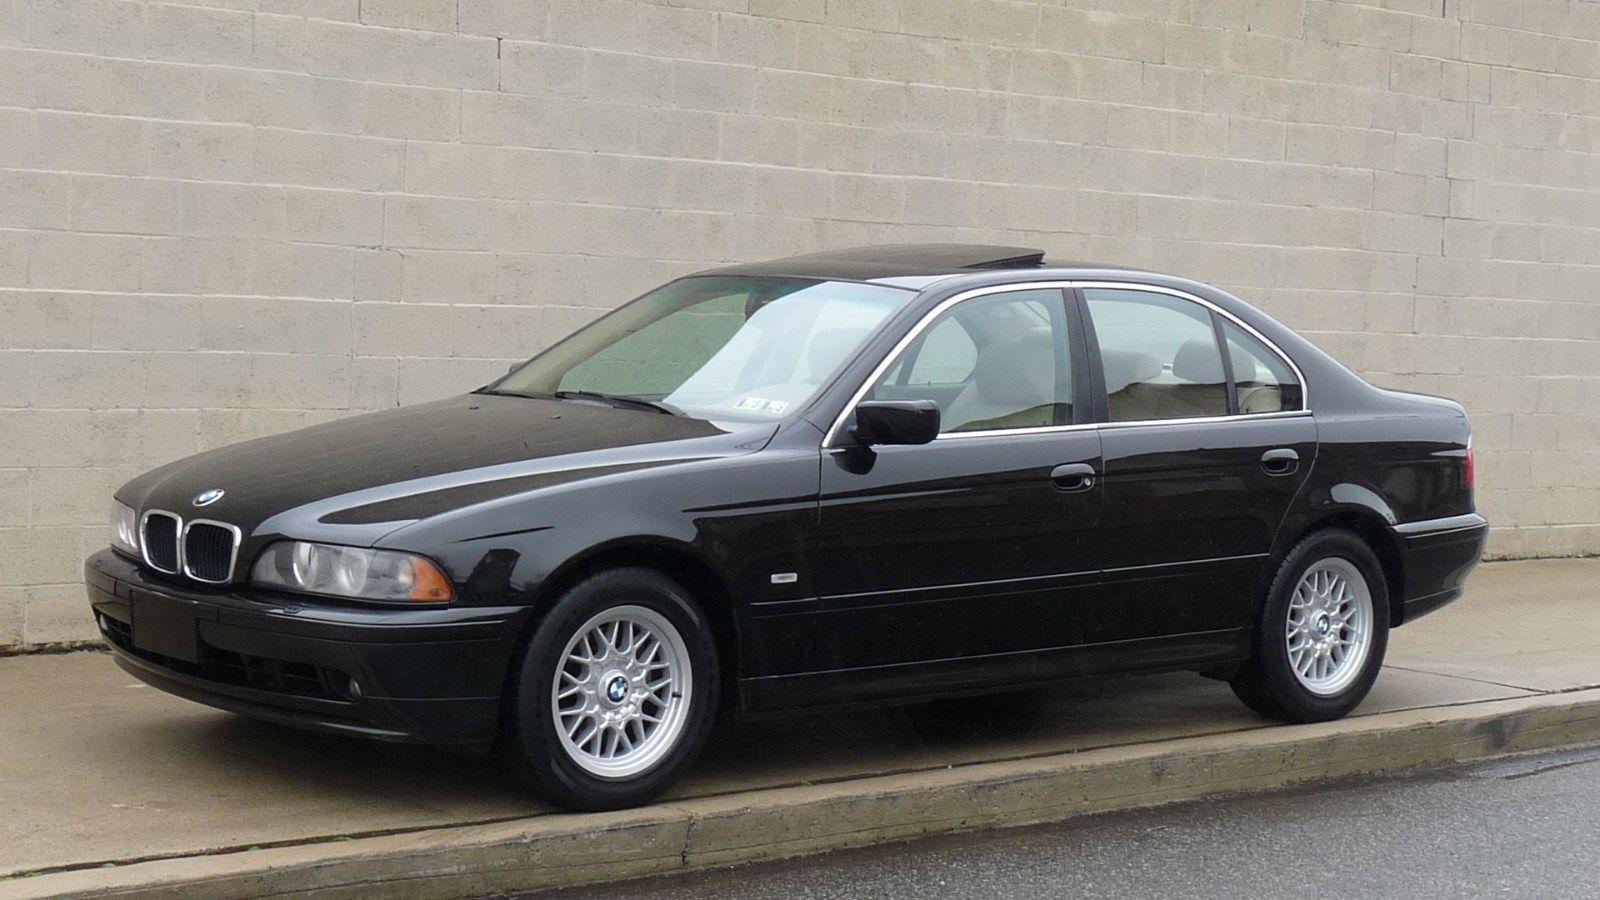 BMW 5 Series 2002 5 series bmw 2002 BMW 5-Series 525i   BMW, Luxury auto and Motor car